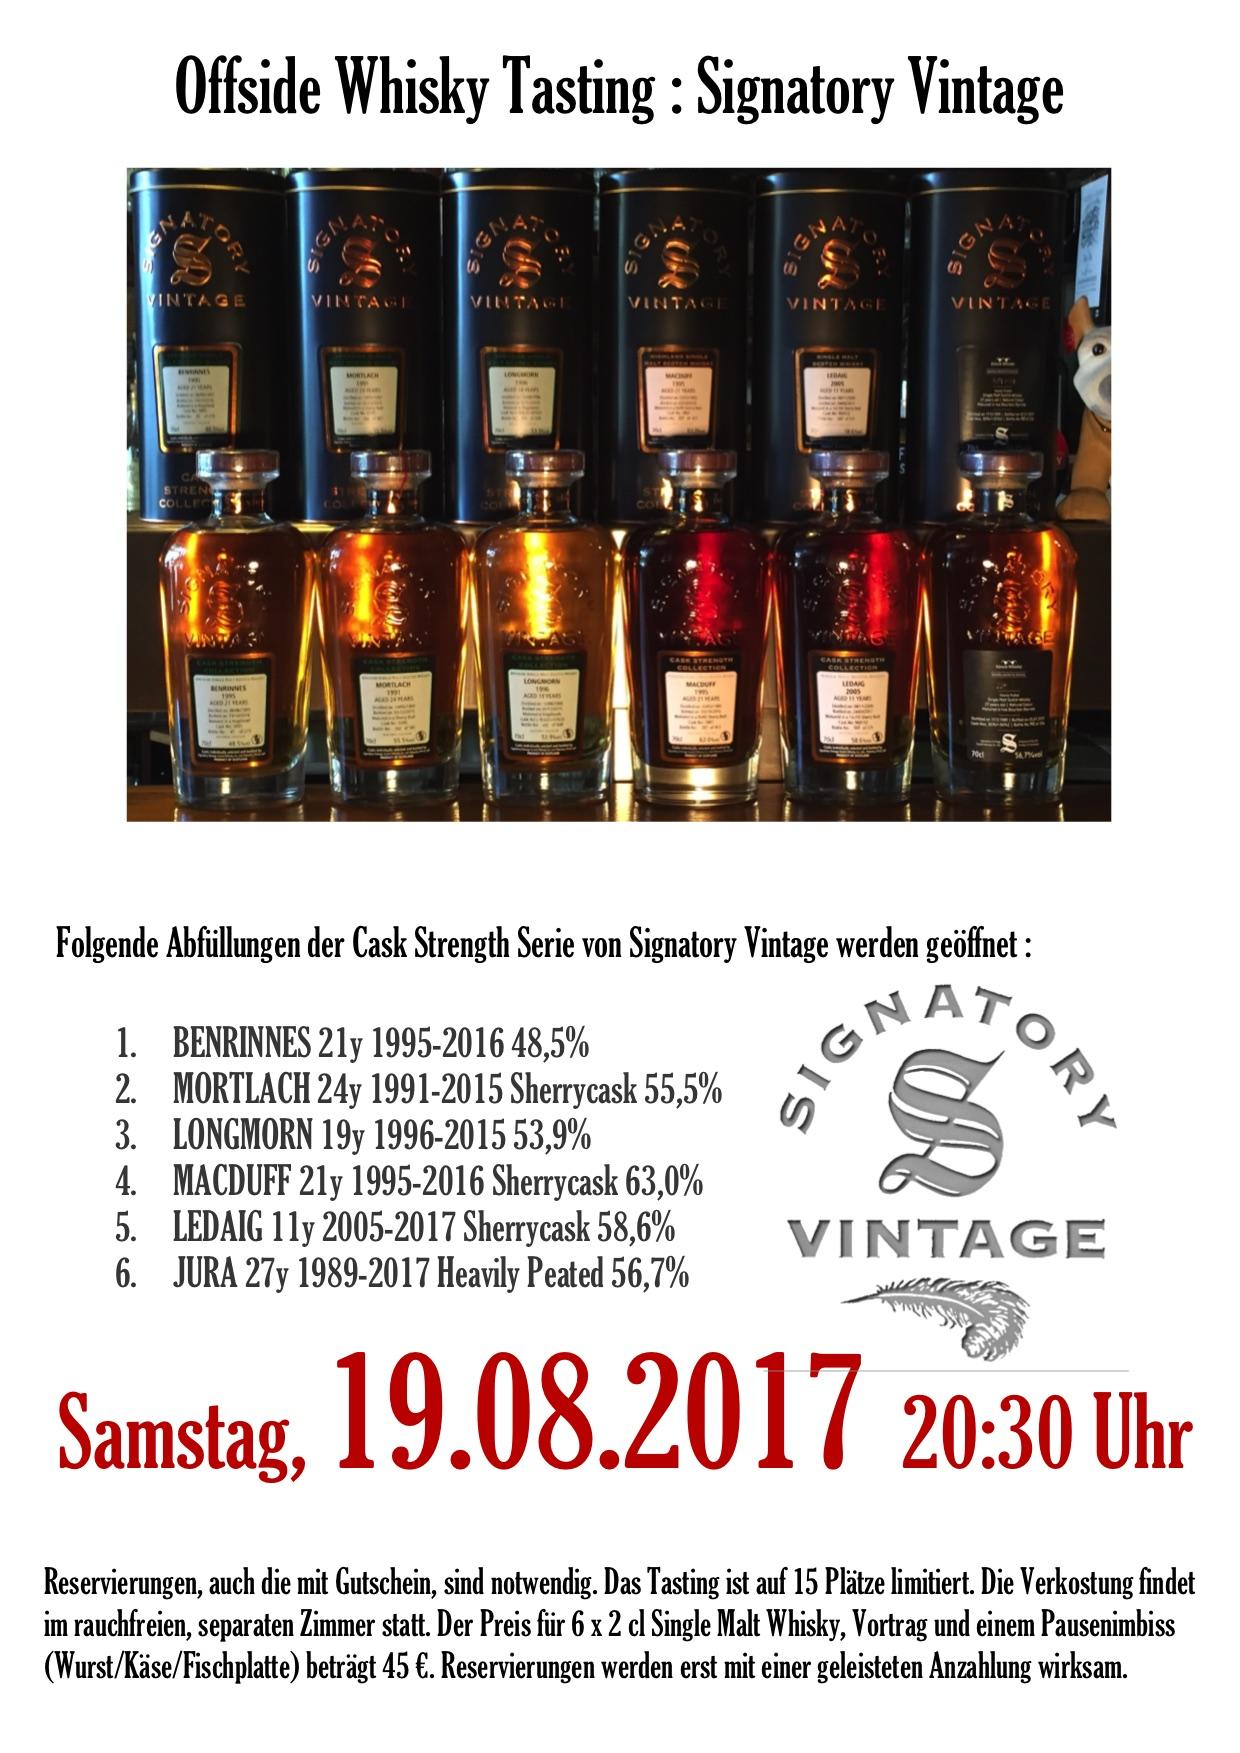 Offside Whisky Tasting : Signatory Vintage